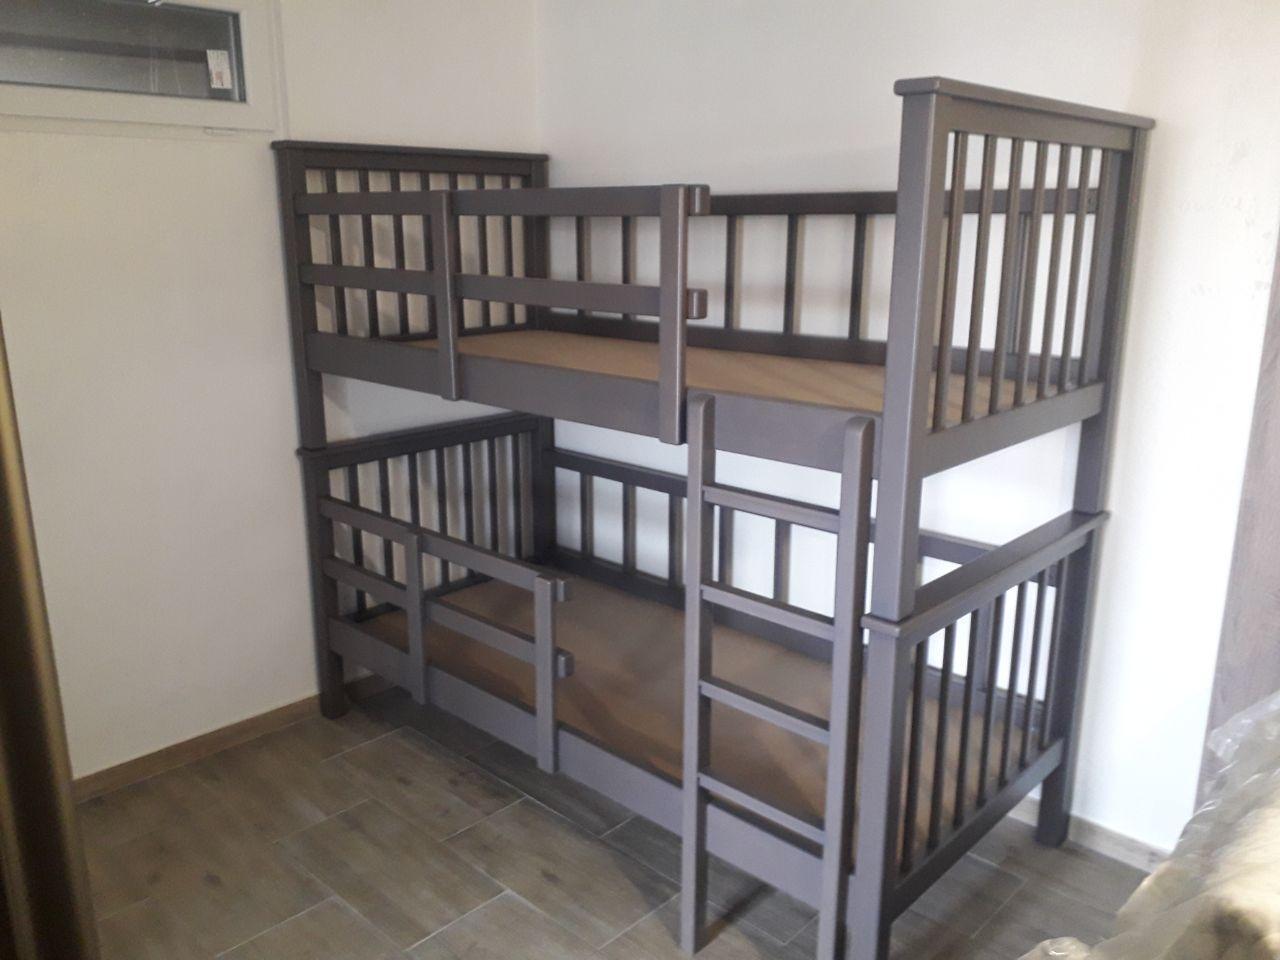 Ліжко двоярусне з вільхи під матраци 90х190 см